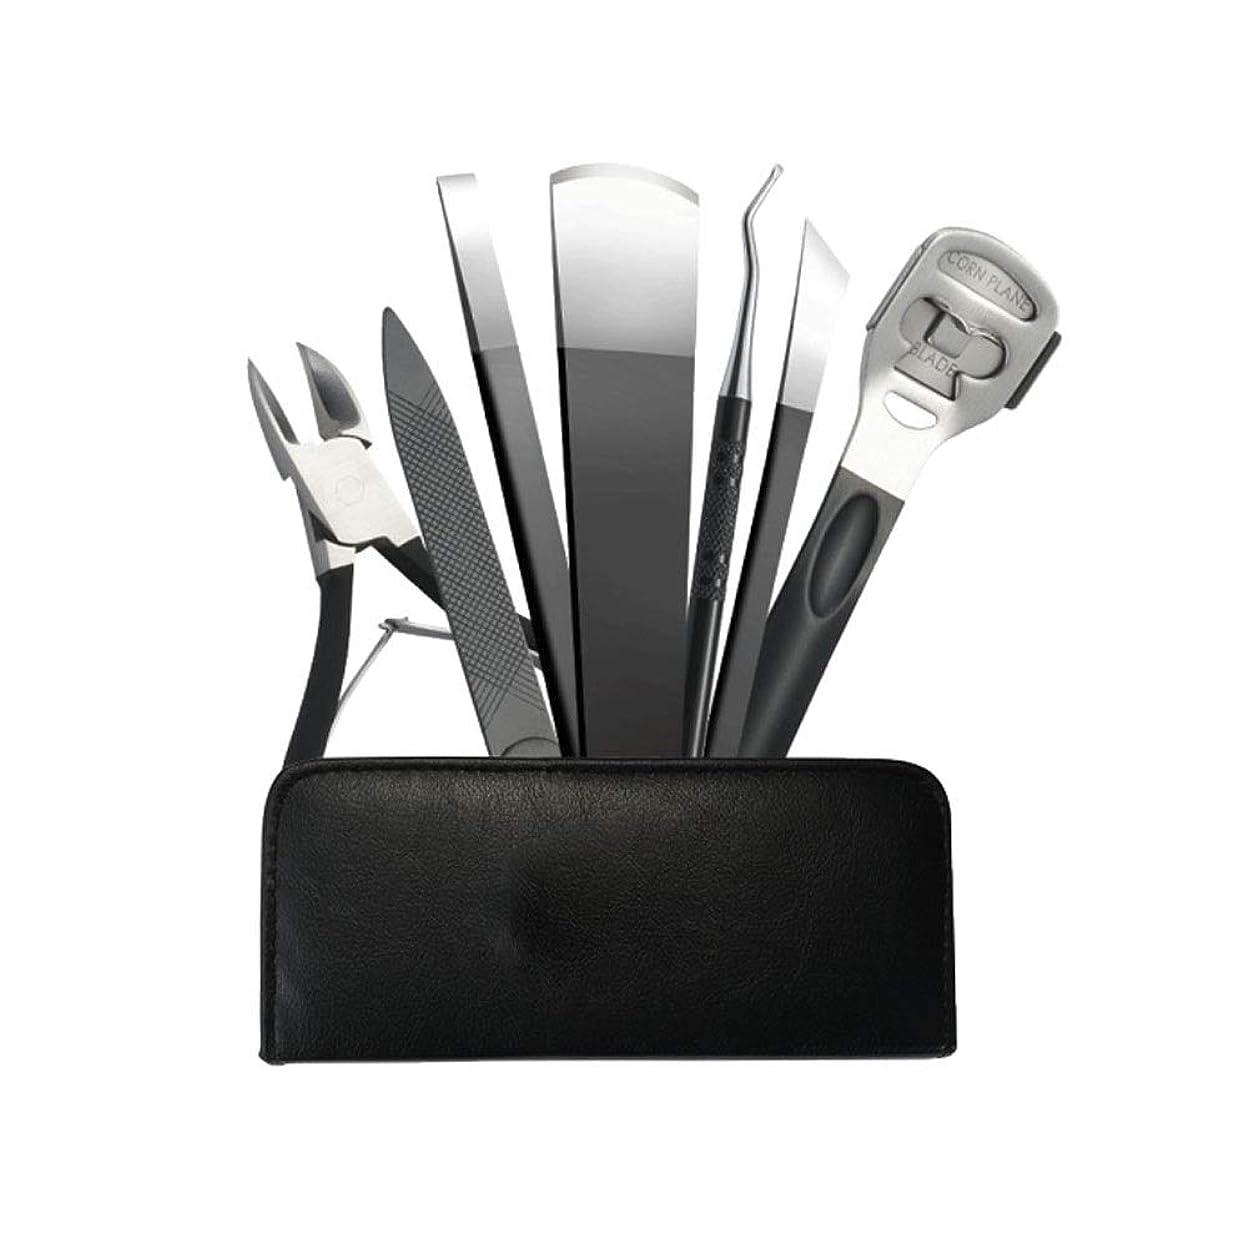 アセンブリナチュラルはしごマニキュアツール、7ピースのプロフェッショナルペディキュアナイフセット、高品質のステンレス鋼、シャープで耐久性のある (Color : Silver)